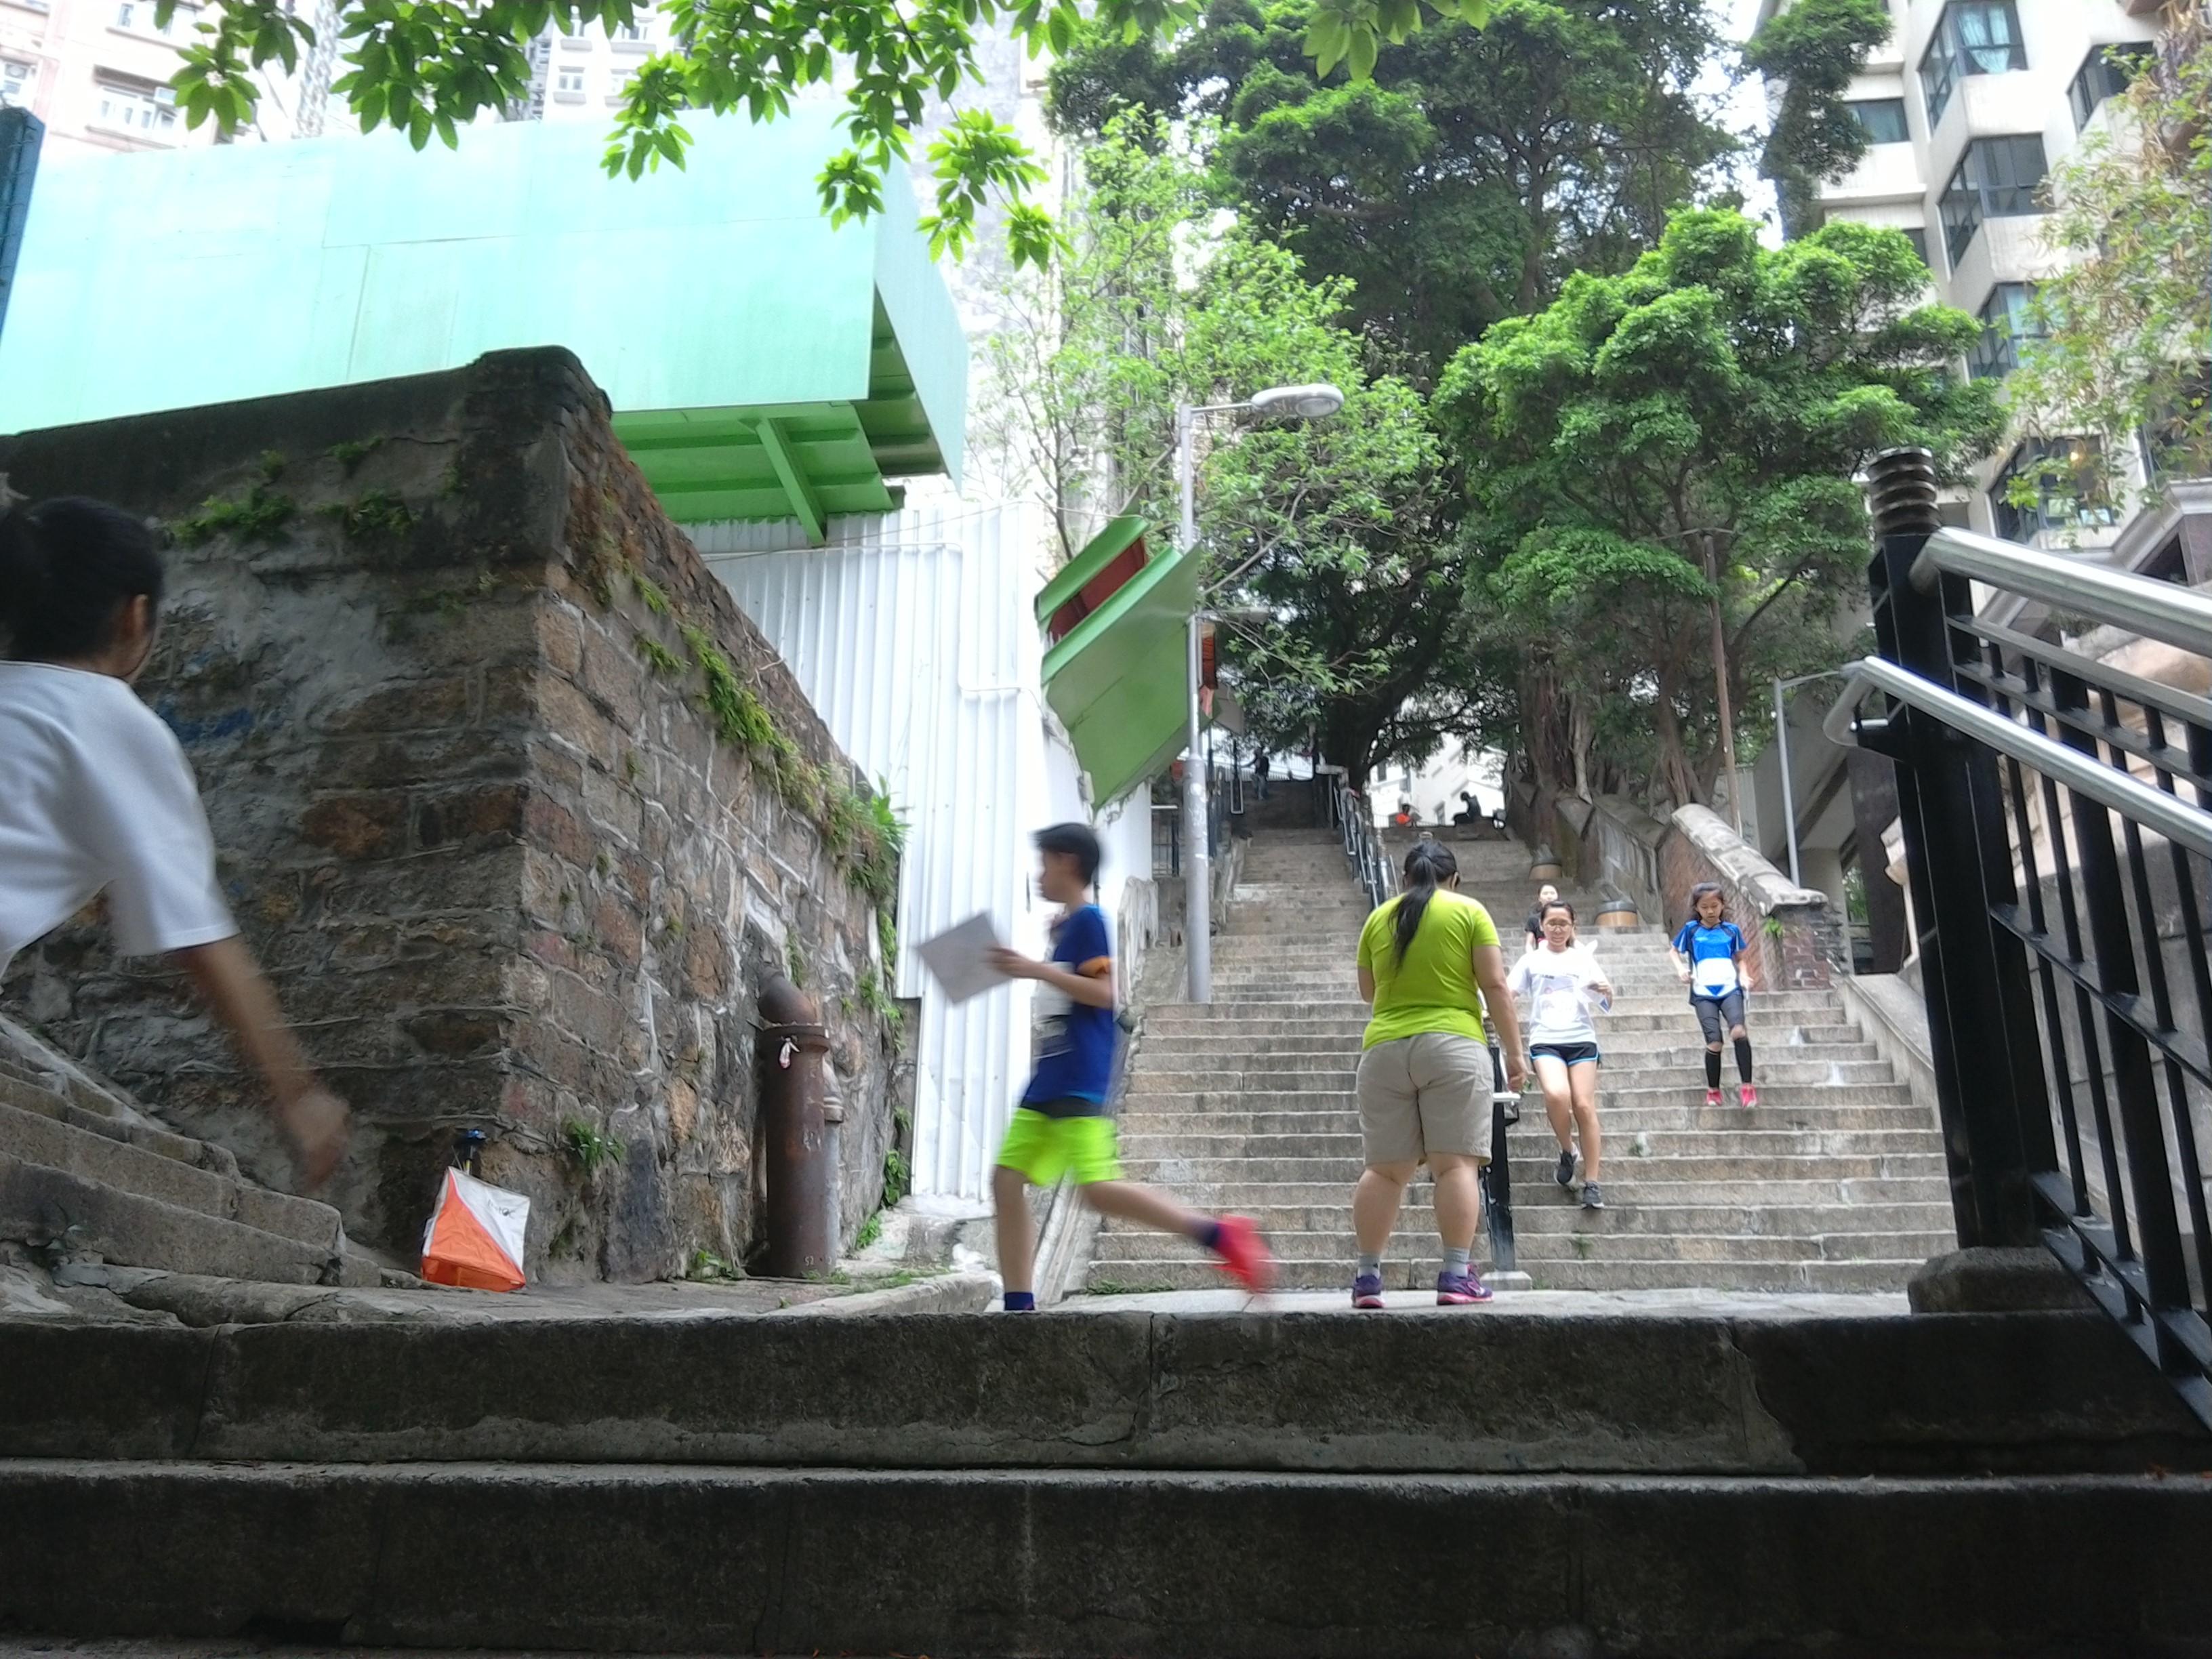 Utforska orienteringstävlingar och träningar i Asien